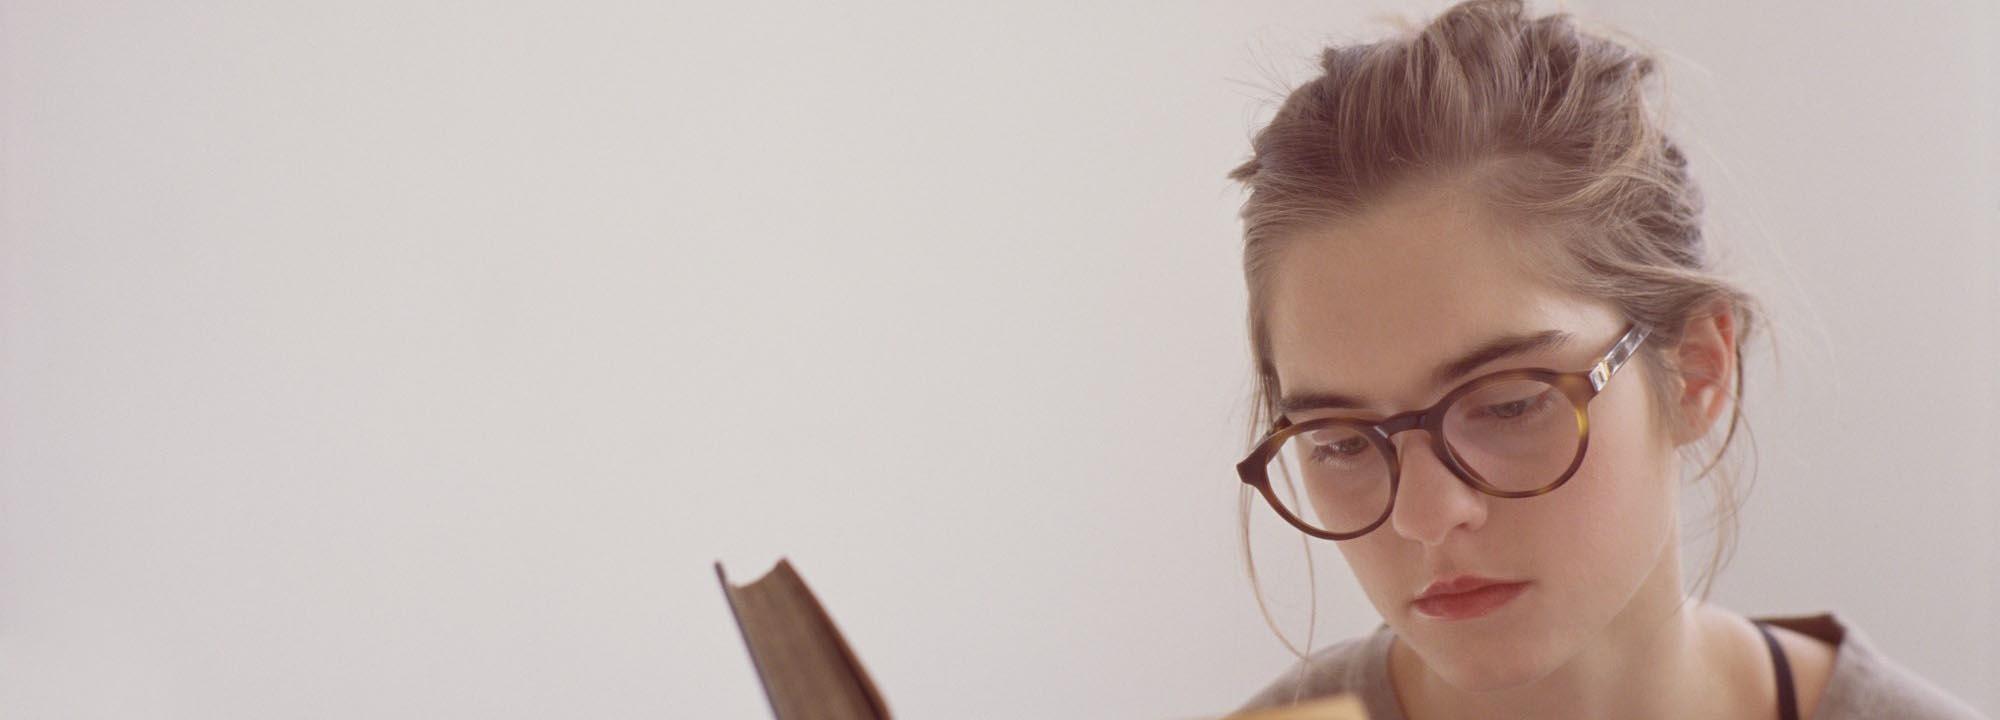 occhiali3cut